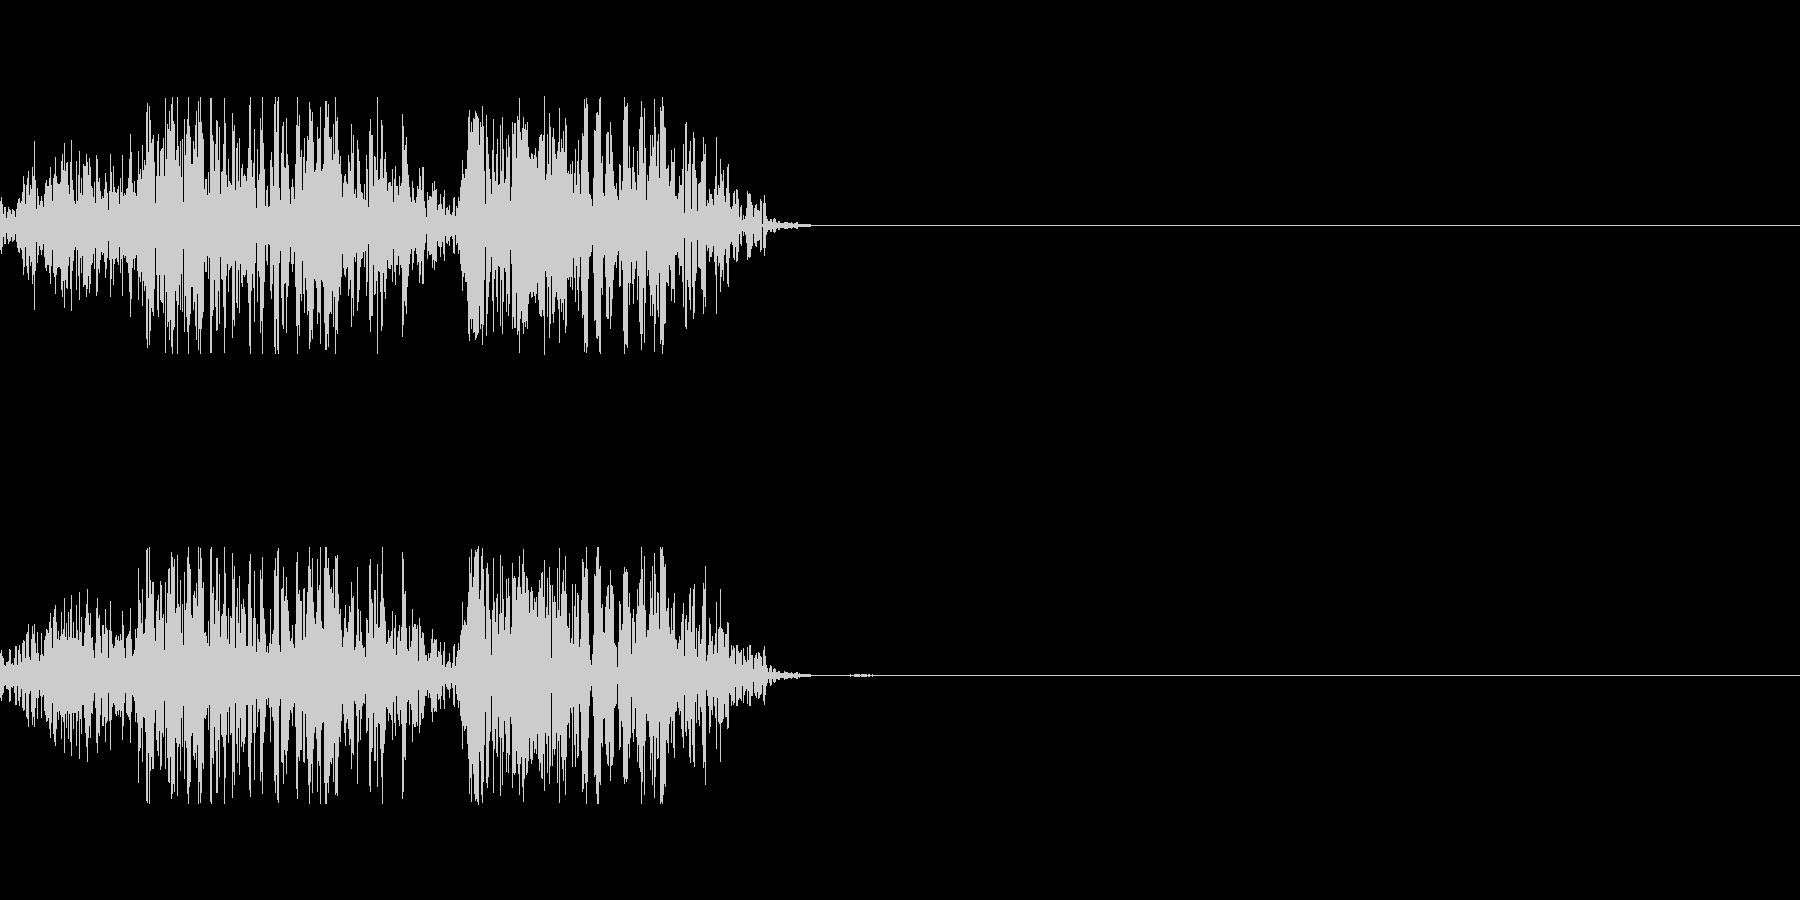 エイリアンの発声などにの未再生の波形